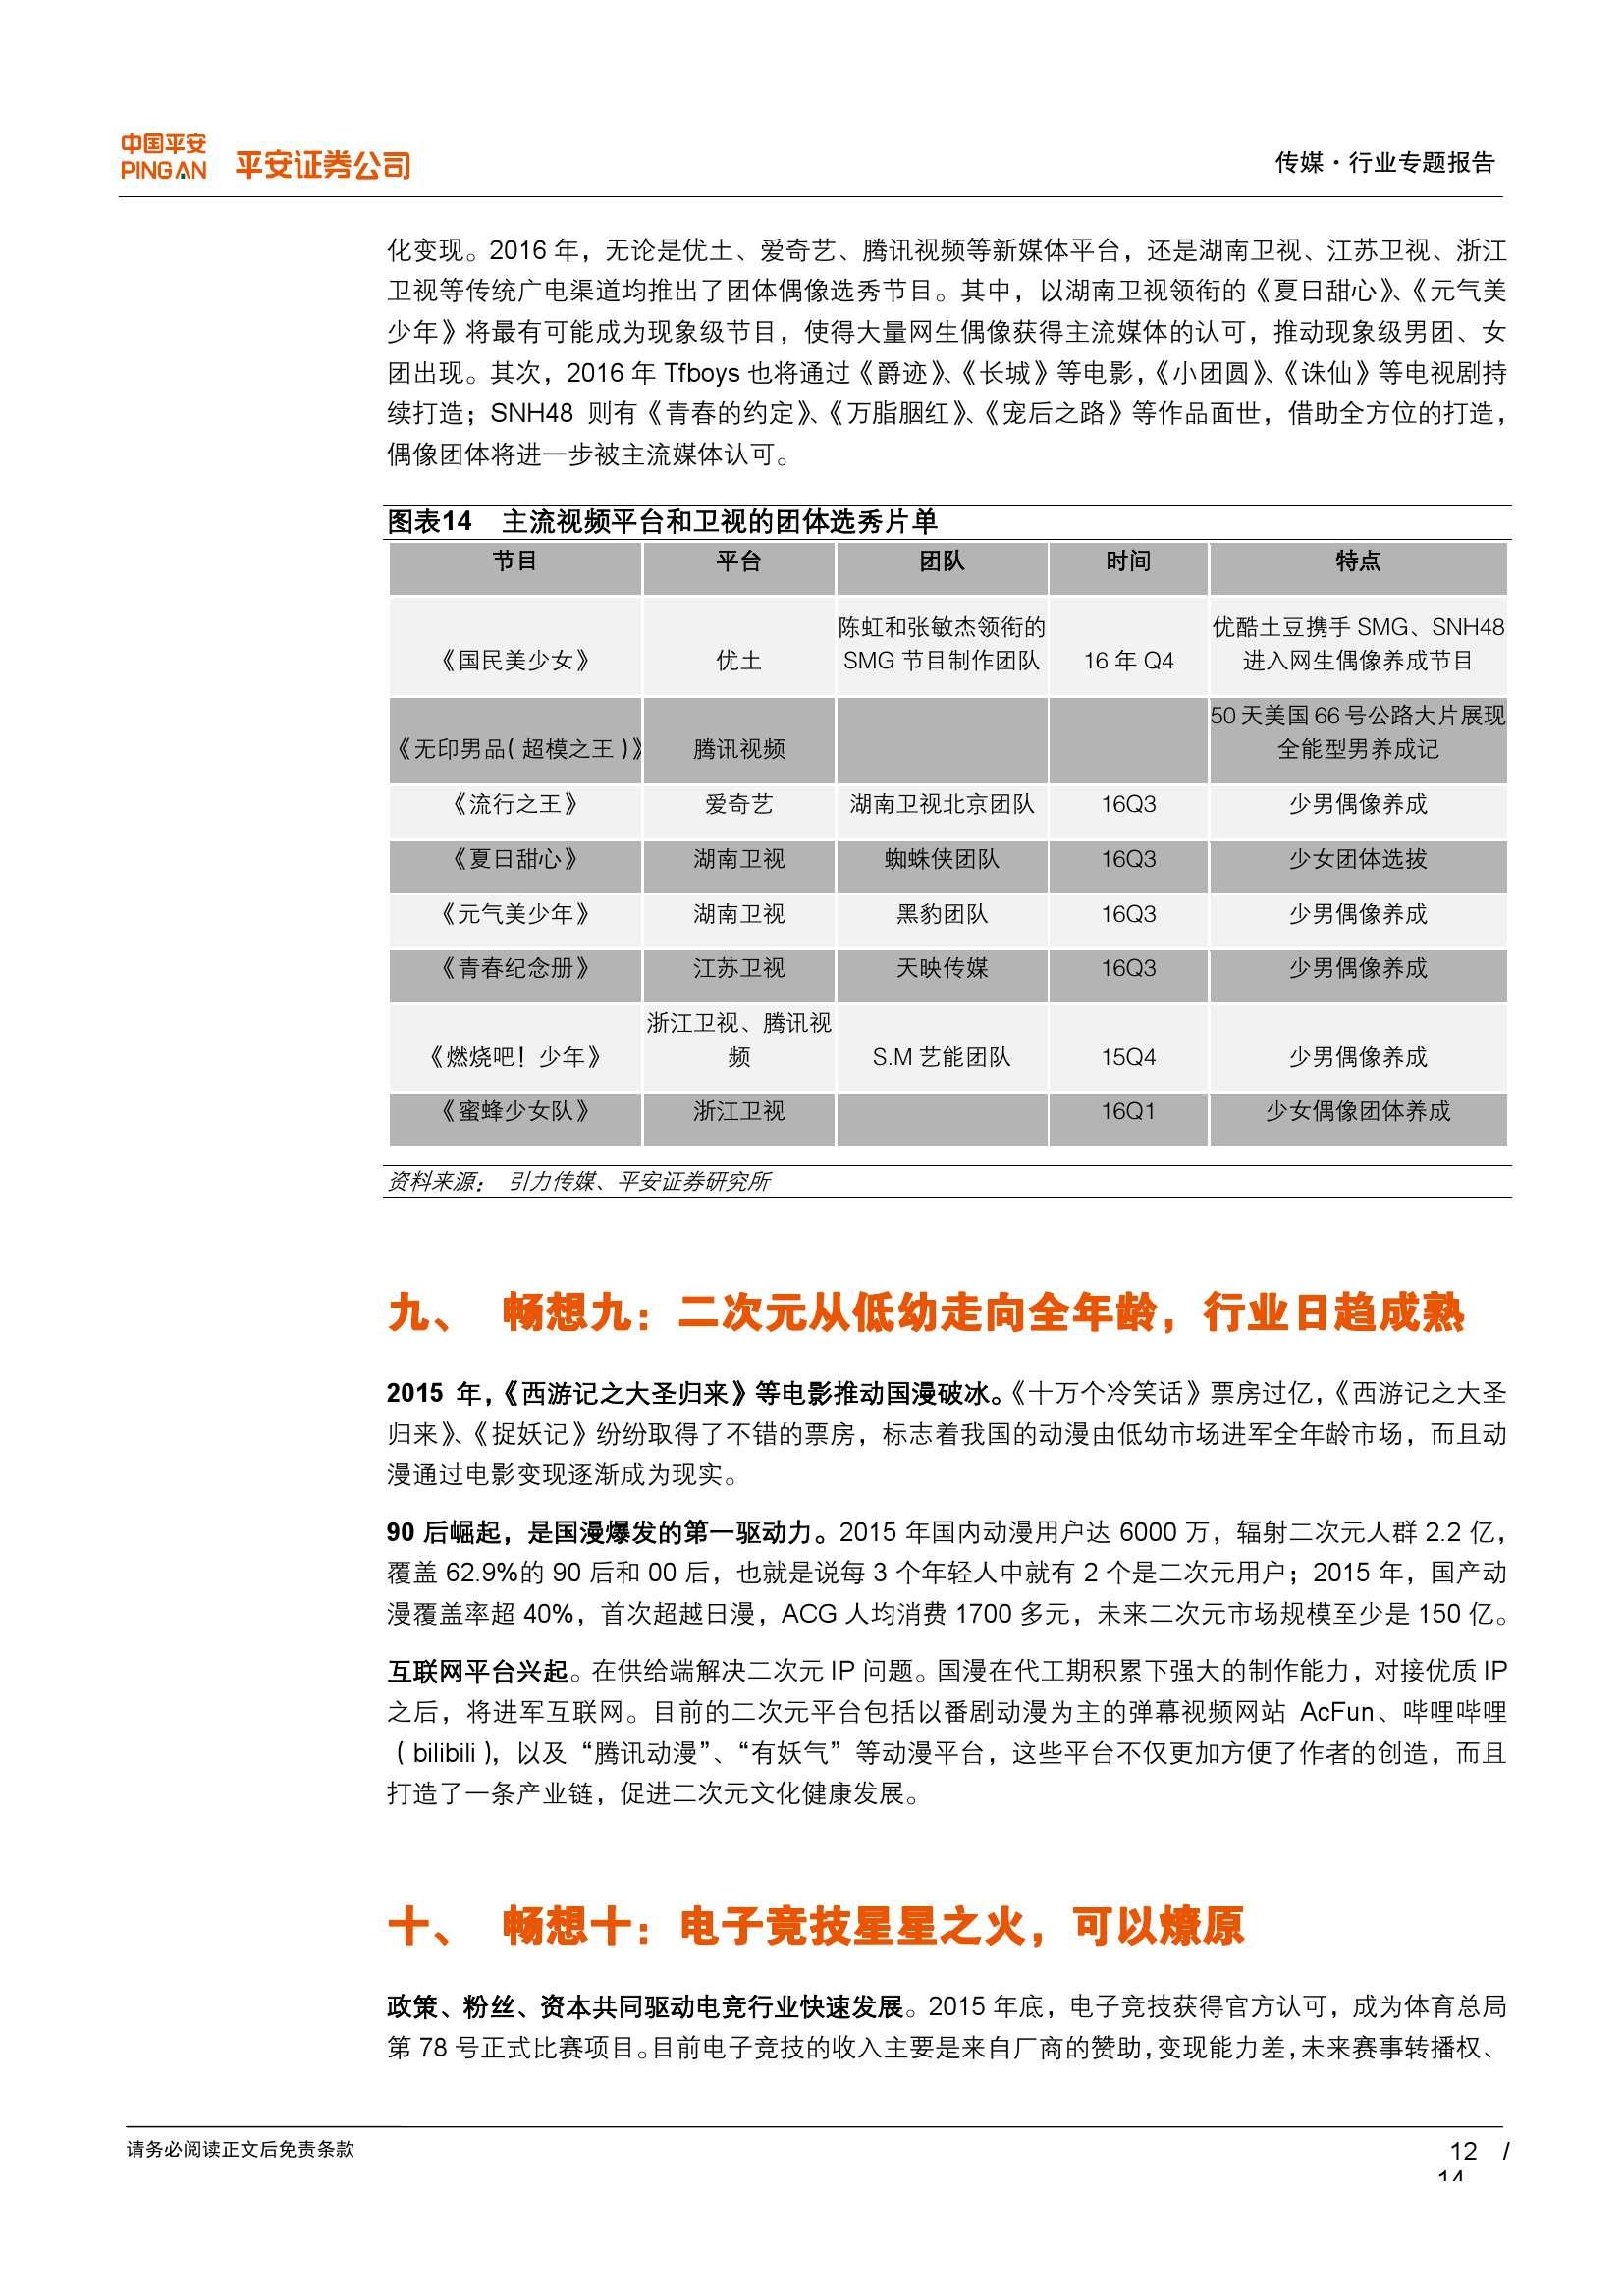 2016年传媒行业10大畅想_000012